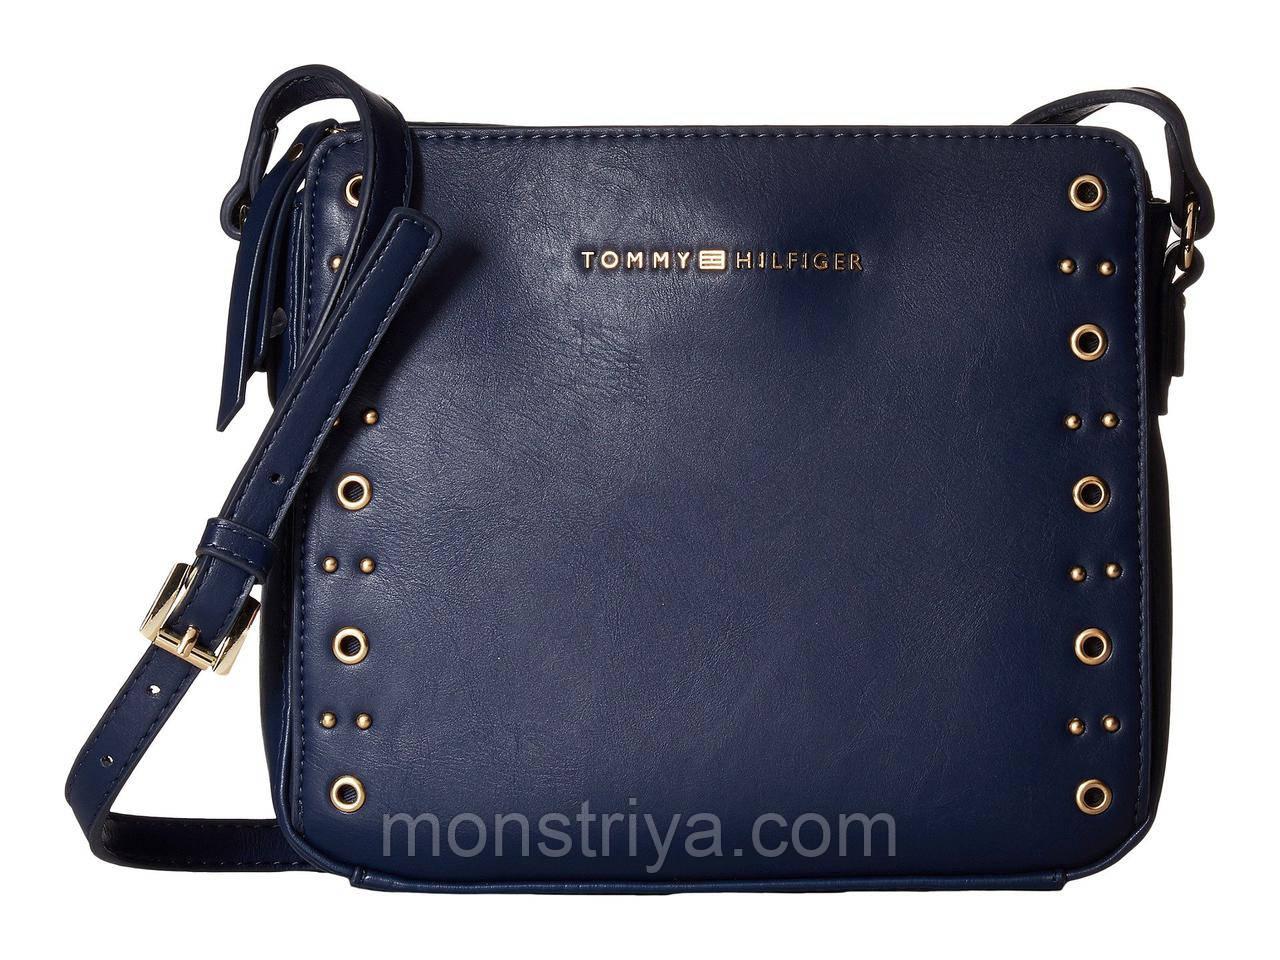 b12855ff71e5 Стильная женская сумка кроссбоди Томми Хилфигер/ Tommy Hilfiger -  Интернет-магазин